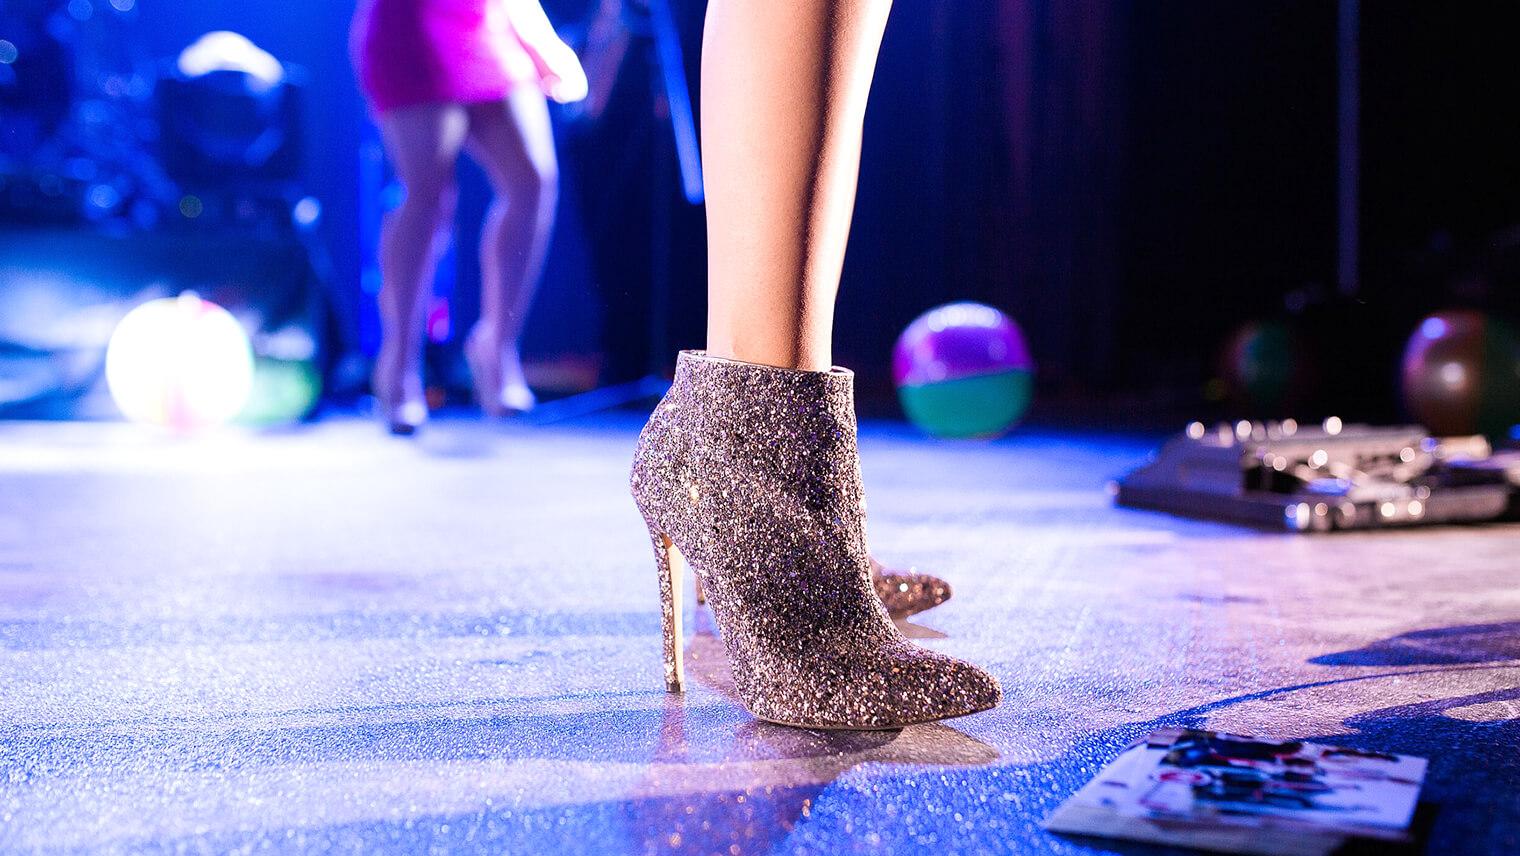 舞台の上でシルバーのブーツを履いた女性の足